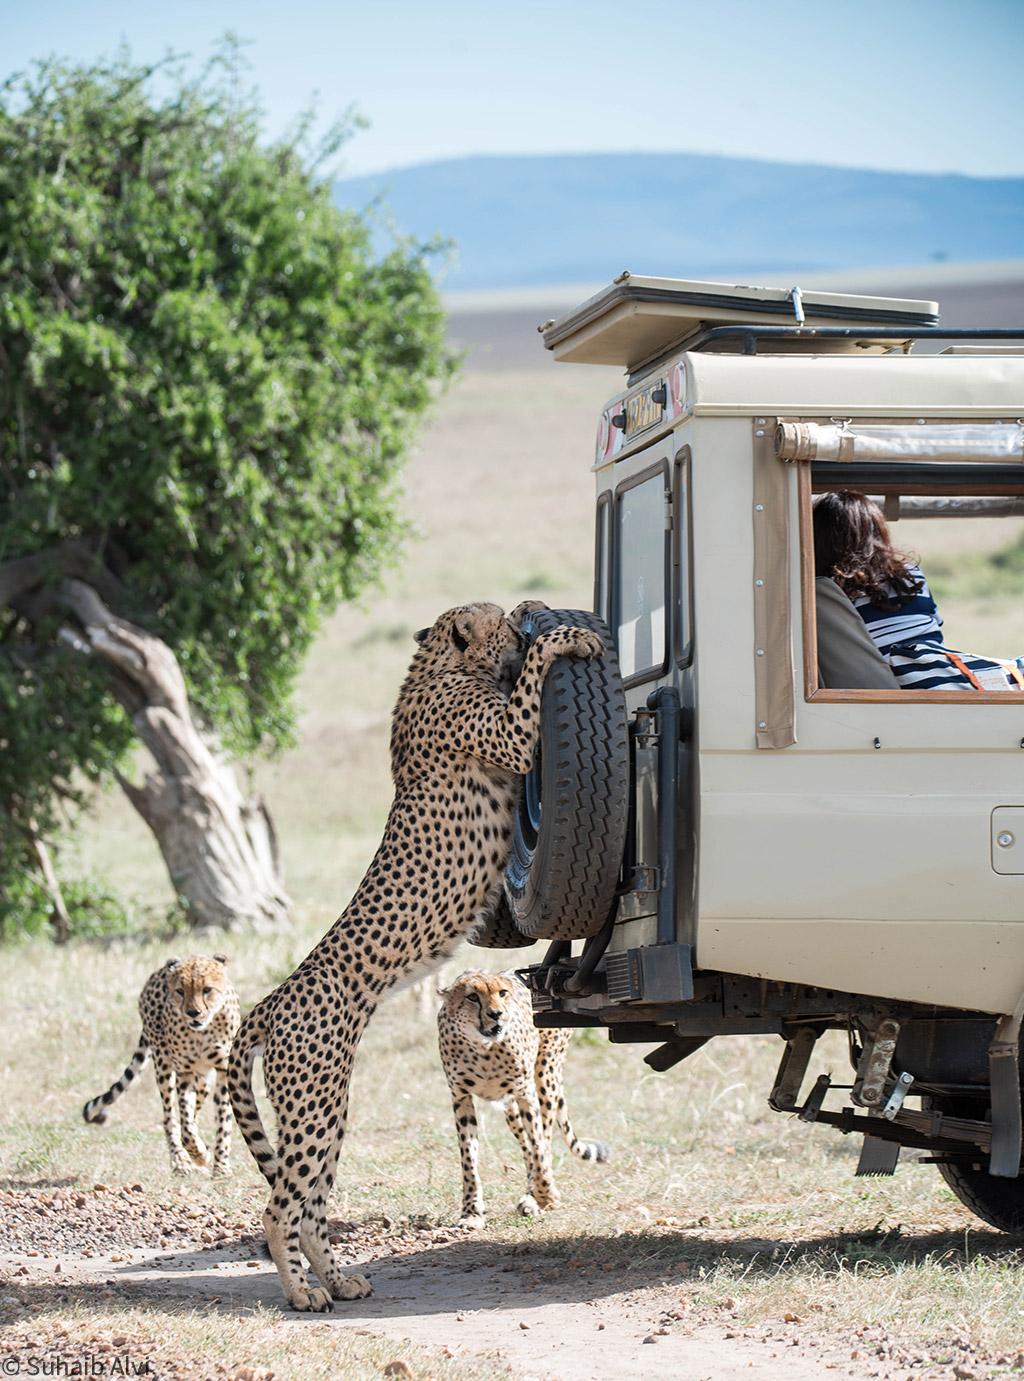 cheetah on the roof © Suhaib Alvi